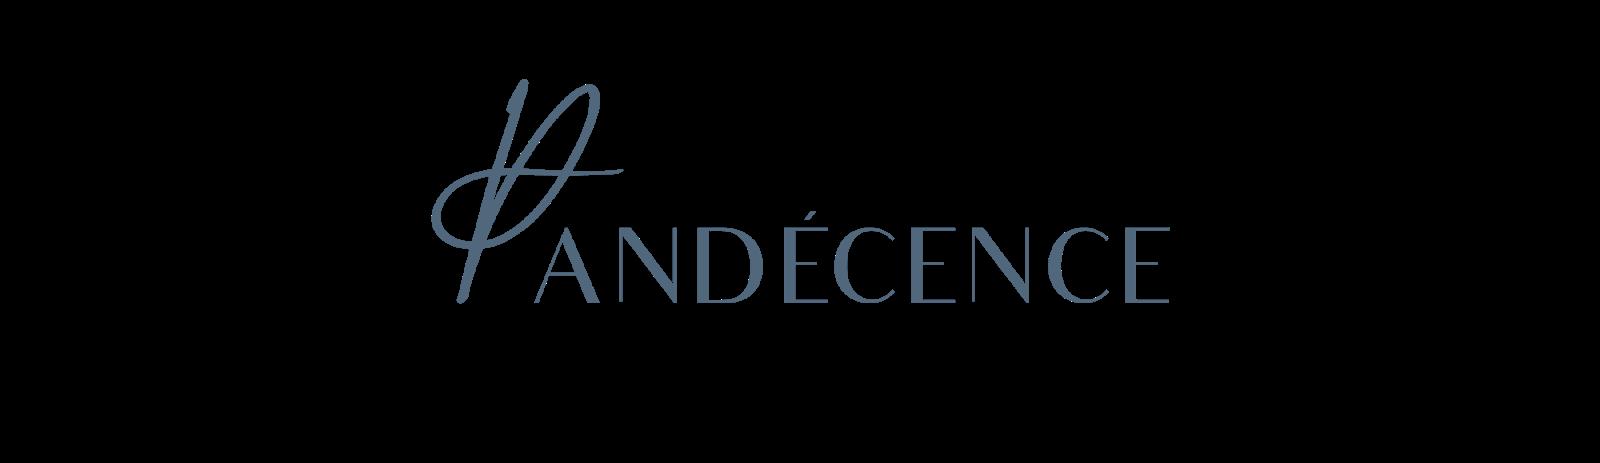 Pandécence | Blog lifestyle et photographie